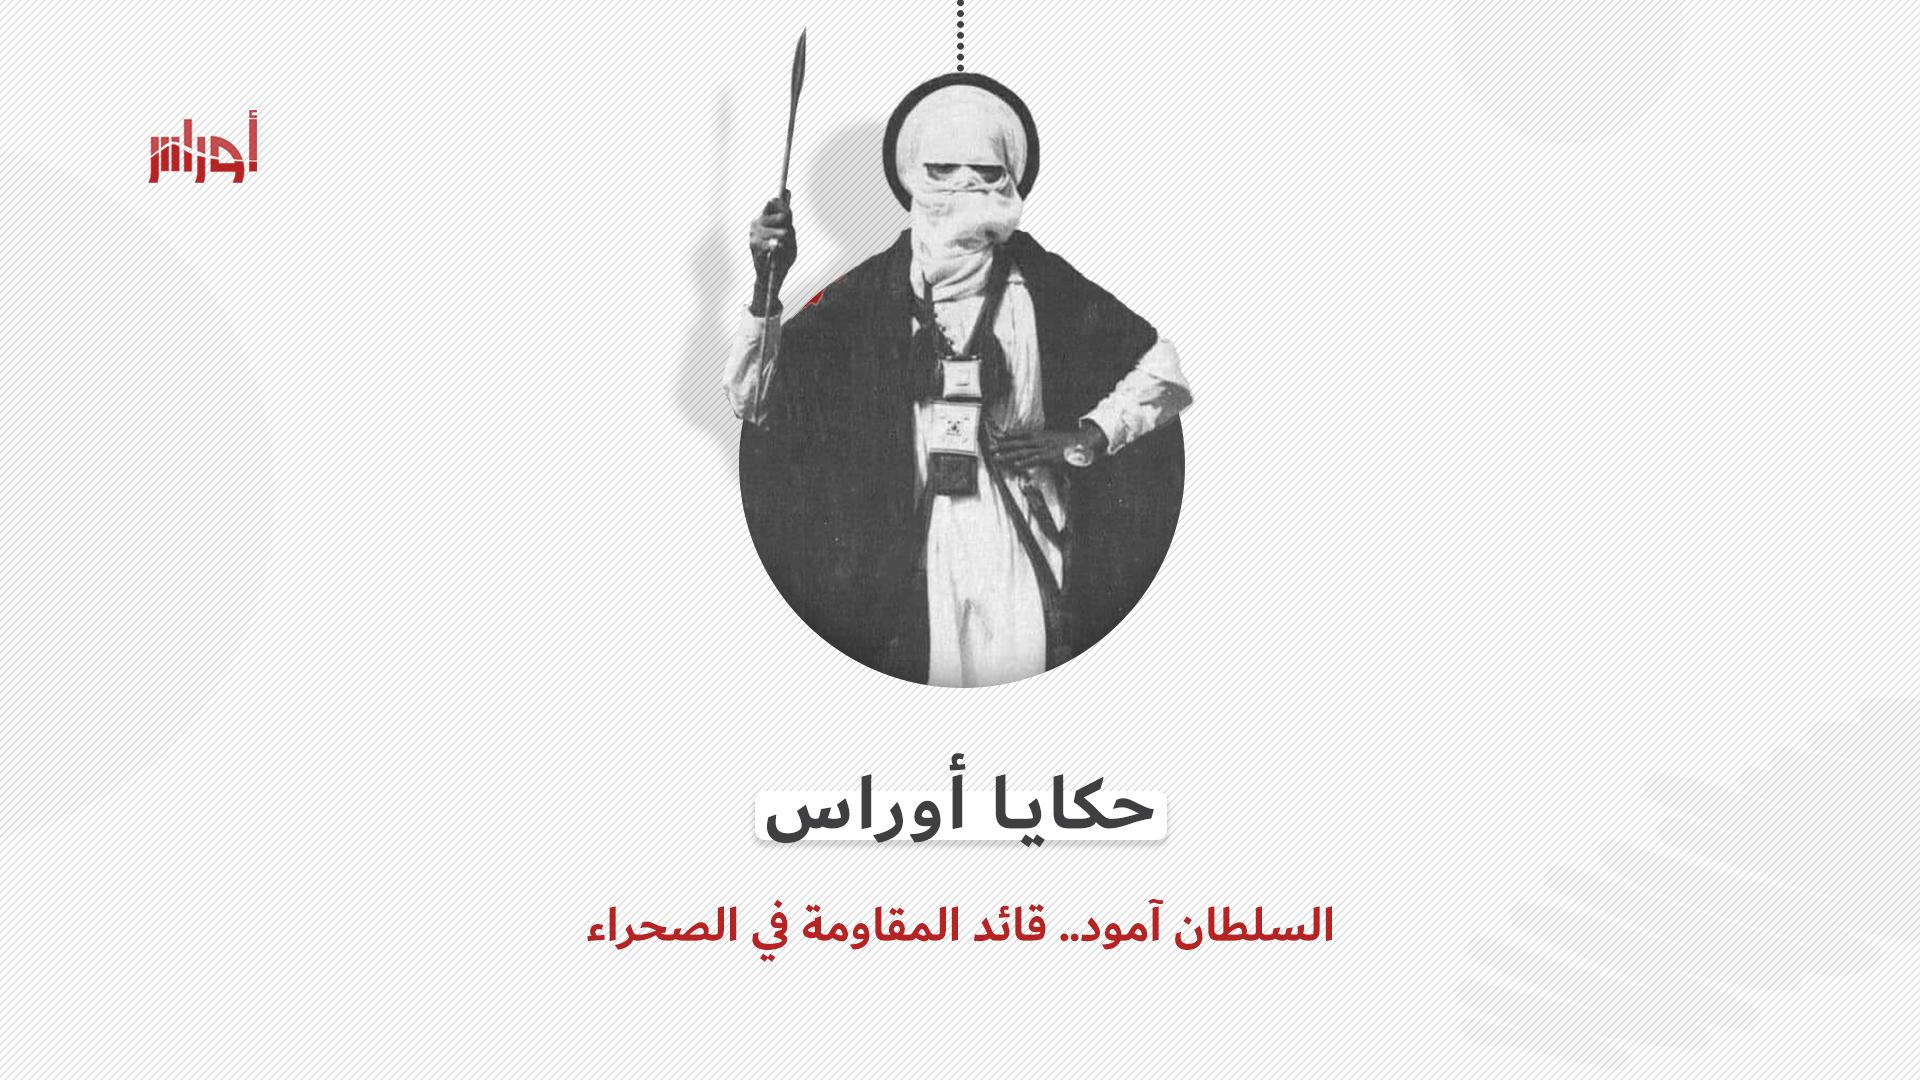 السلطان آمود.. قائد المقاومة في الصحراء